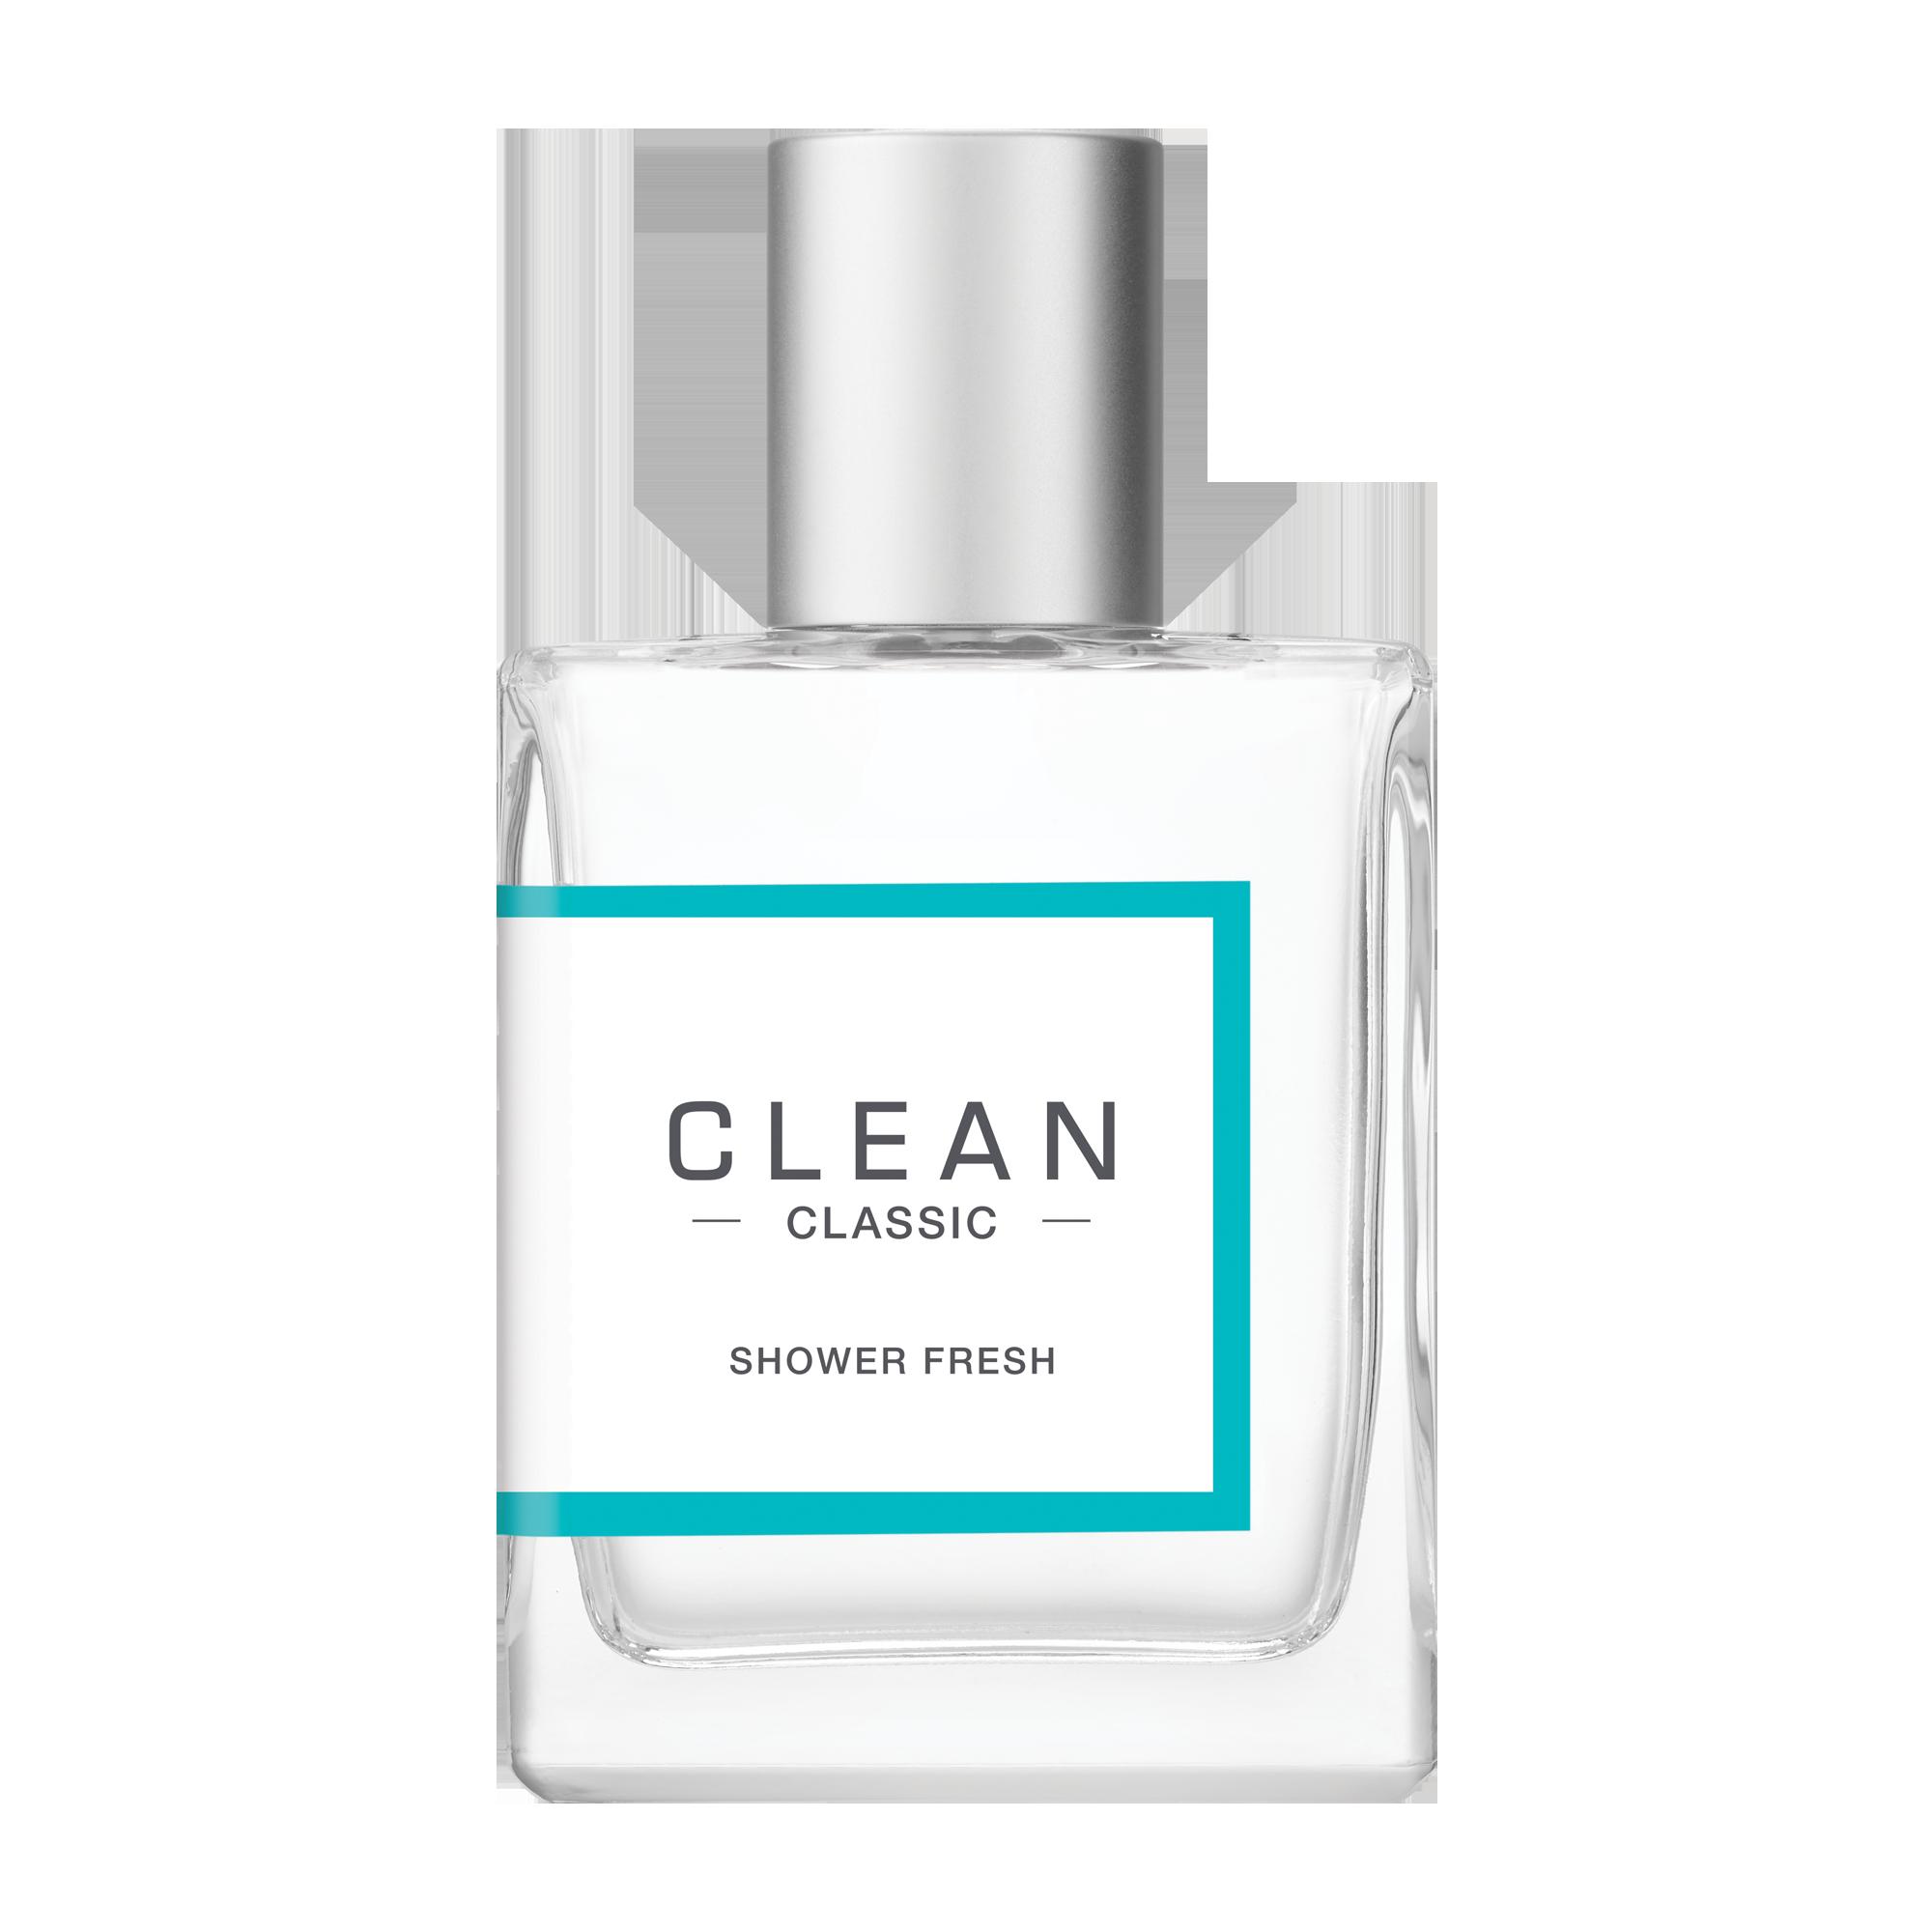 Clean - Shower Fresh EDP 60 ml